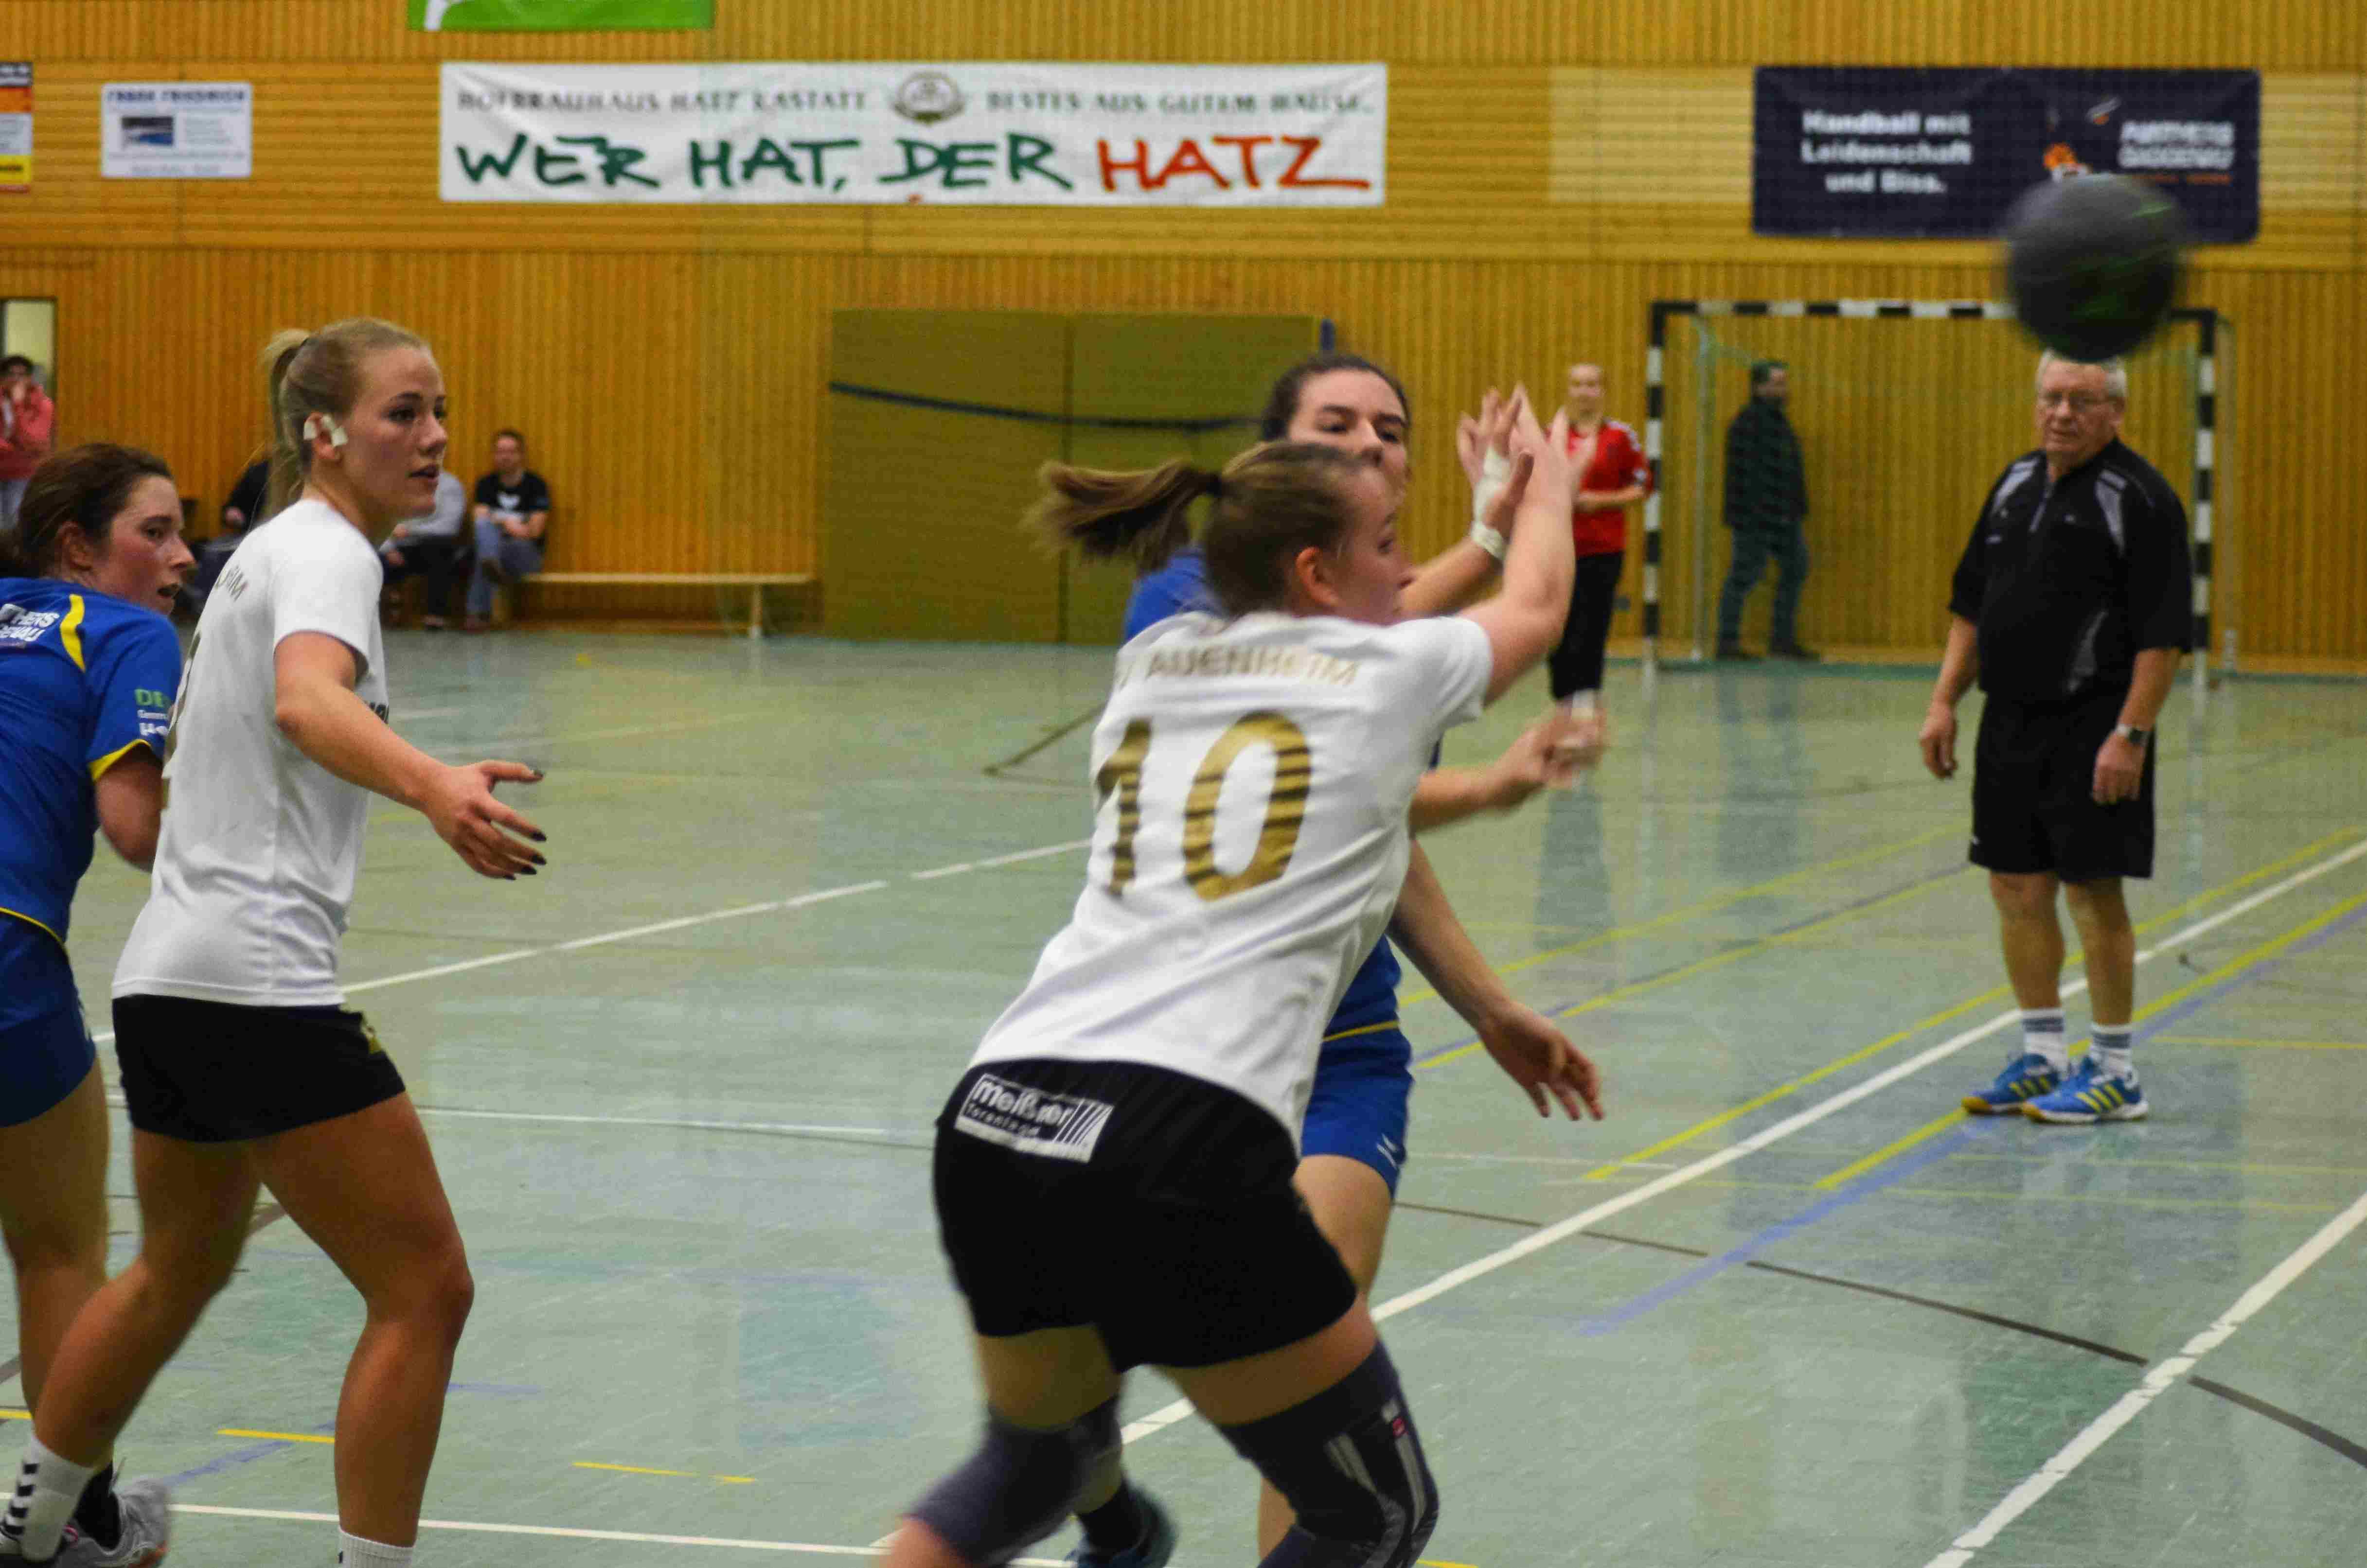 da-auenheim-04